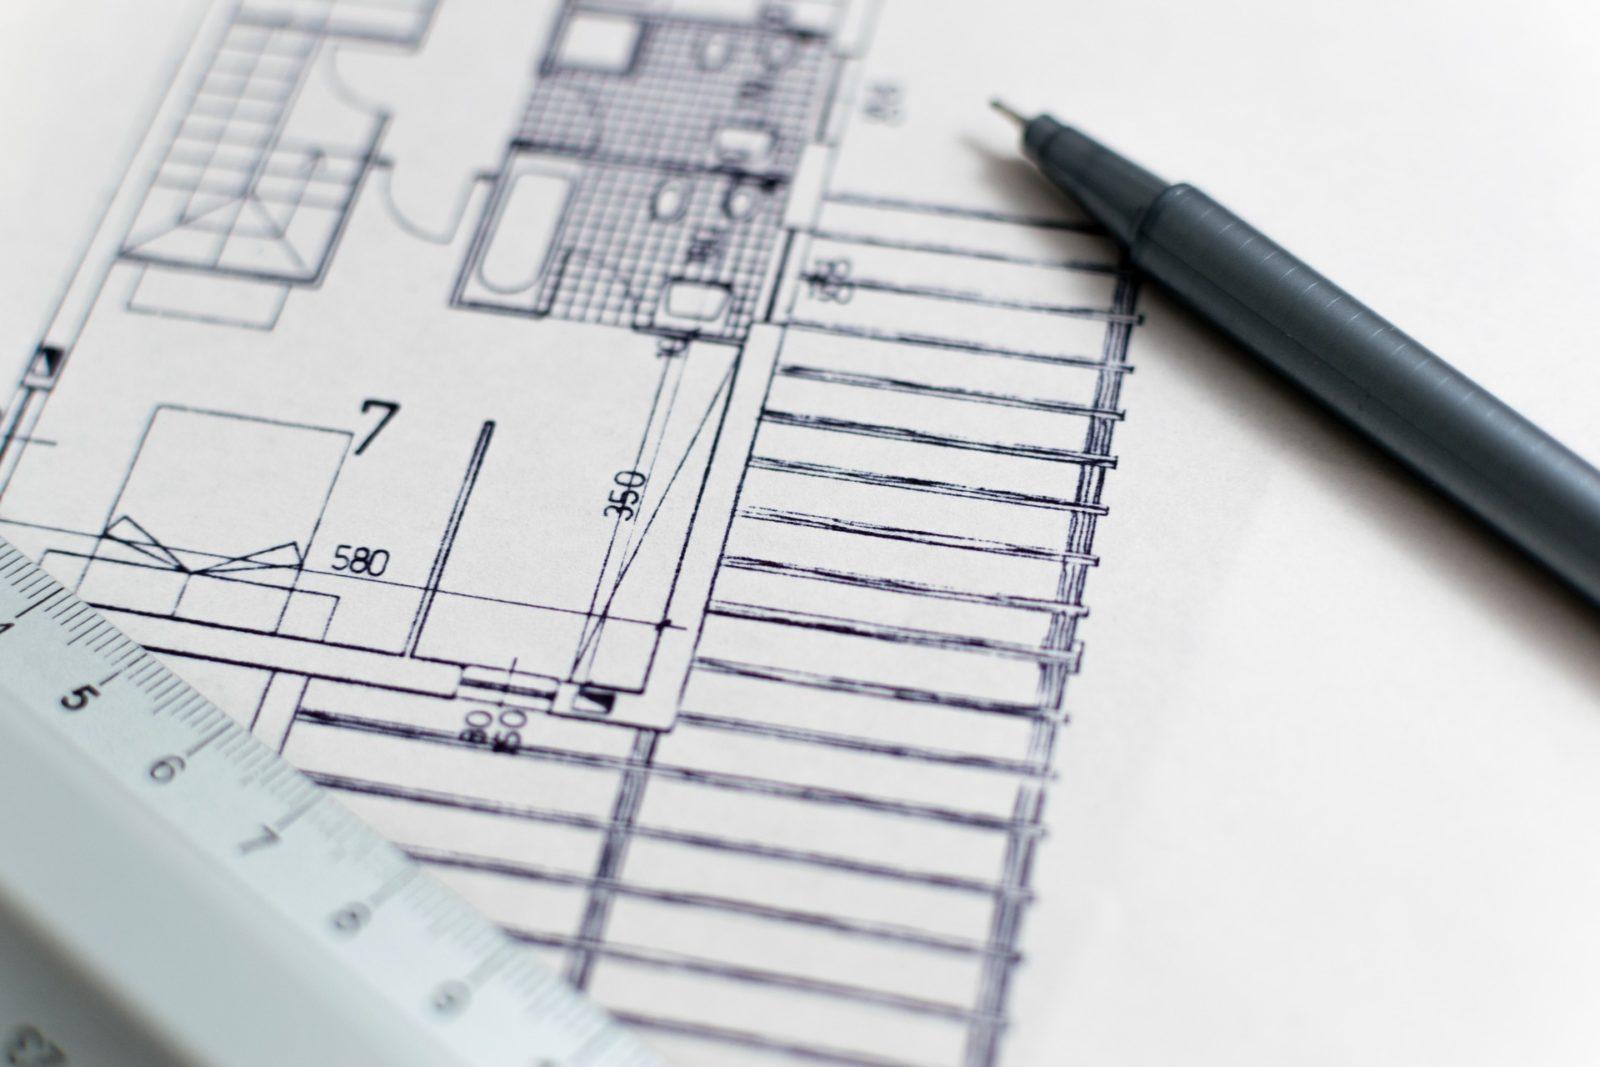 Projet De Construction De Notre Maison Top 10 Des Amenagements Pour Nos Enfants Blog Papa Ratatam